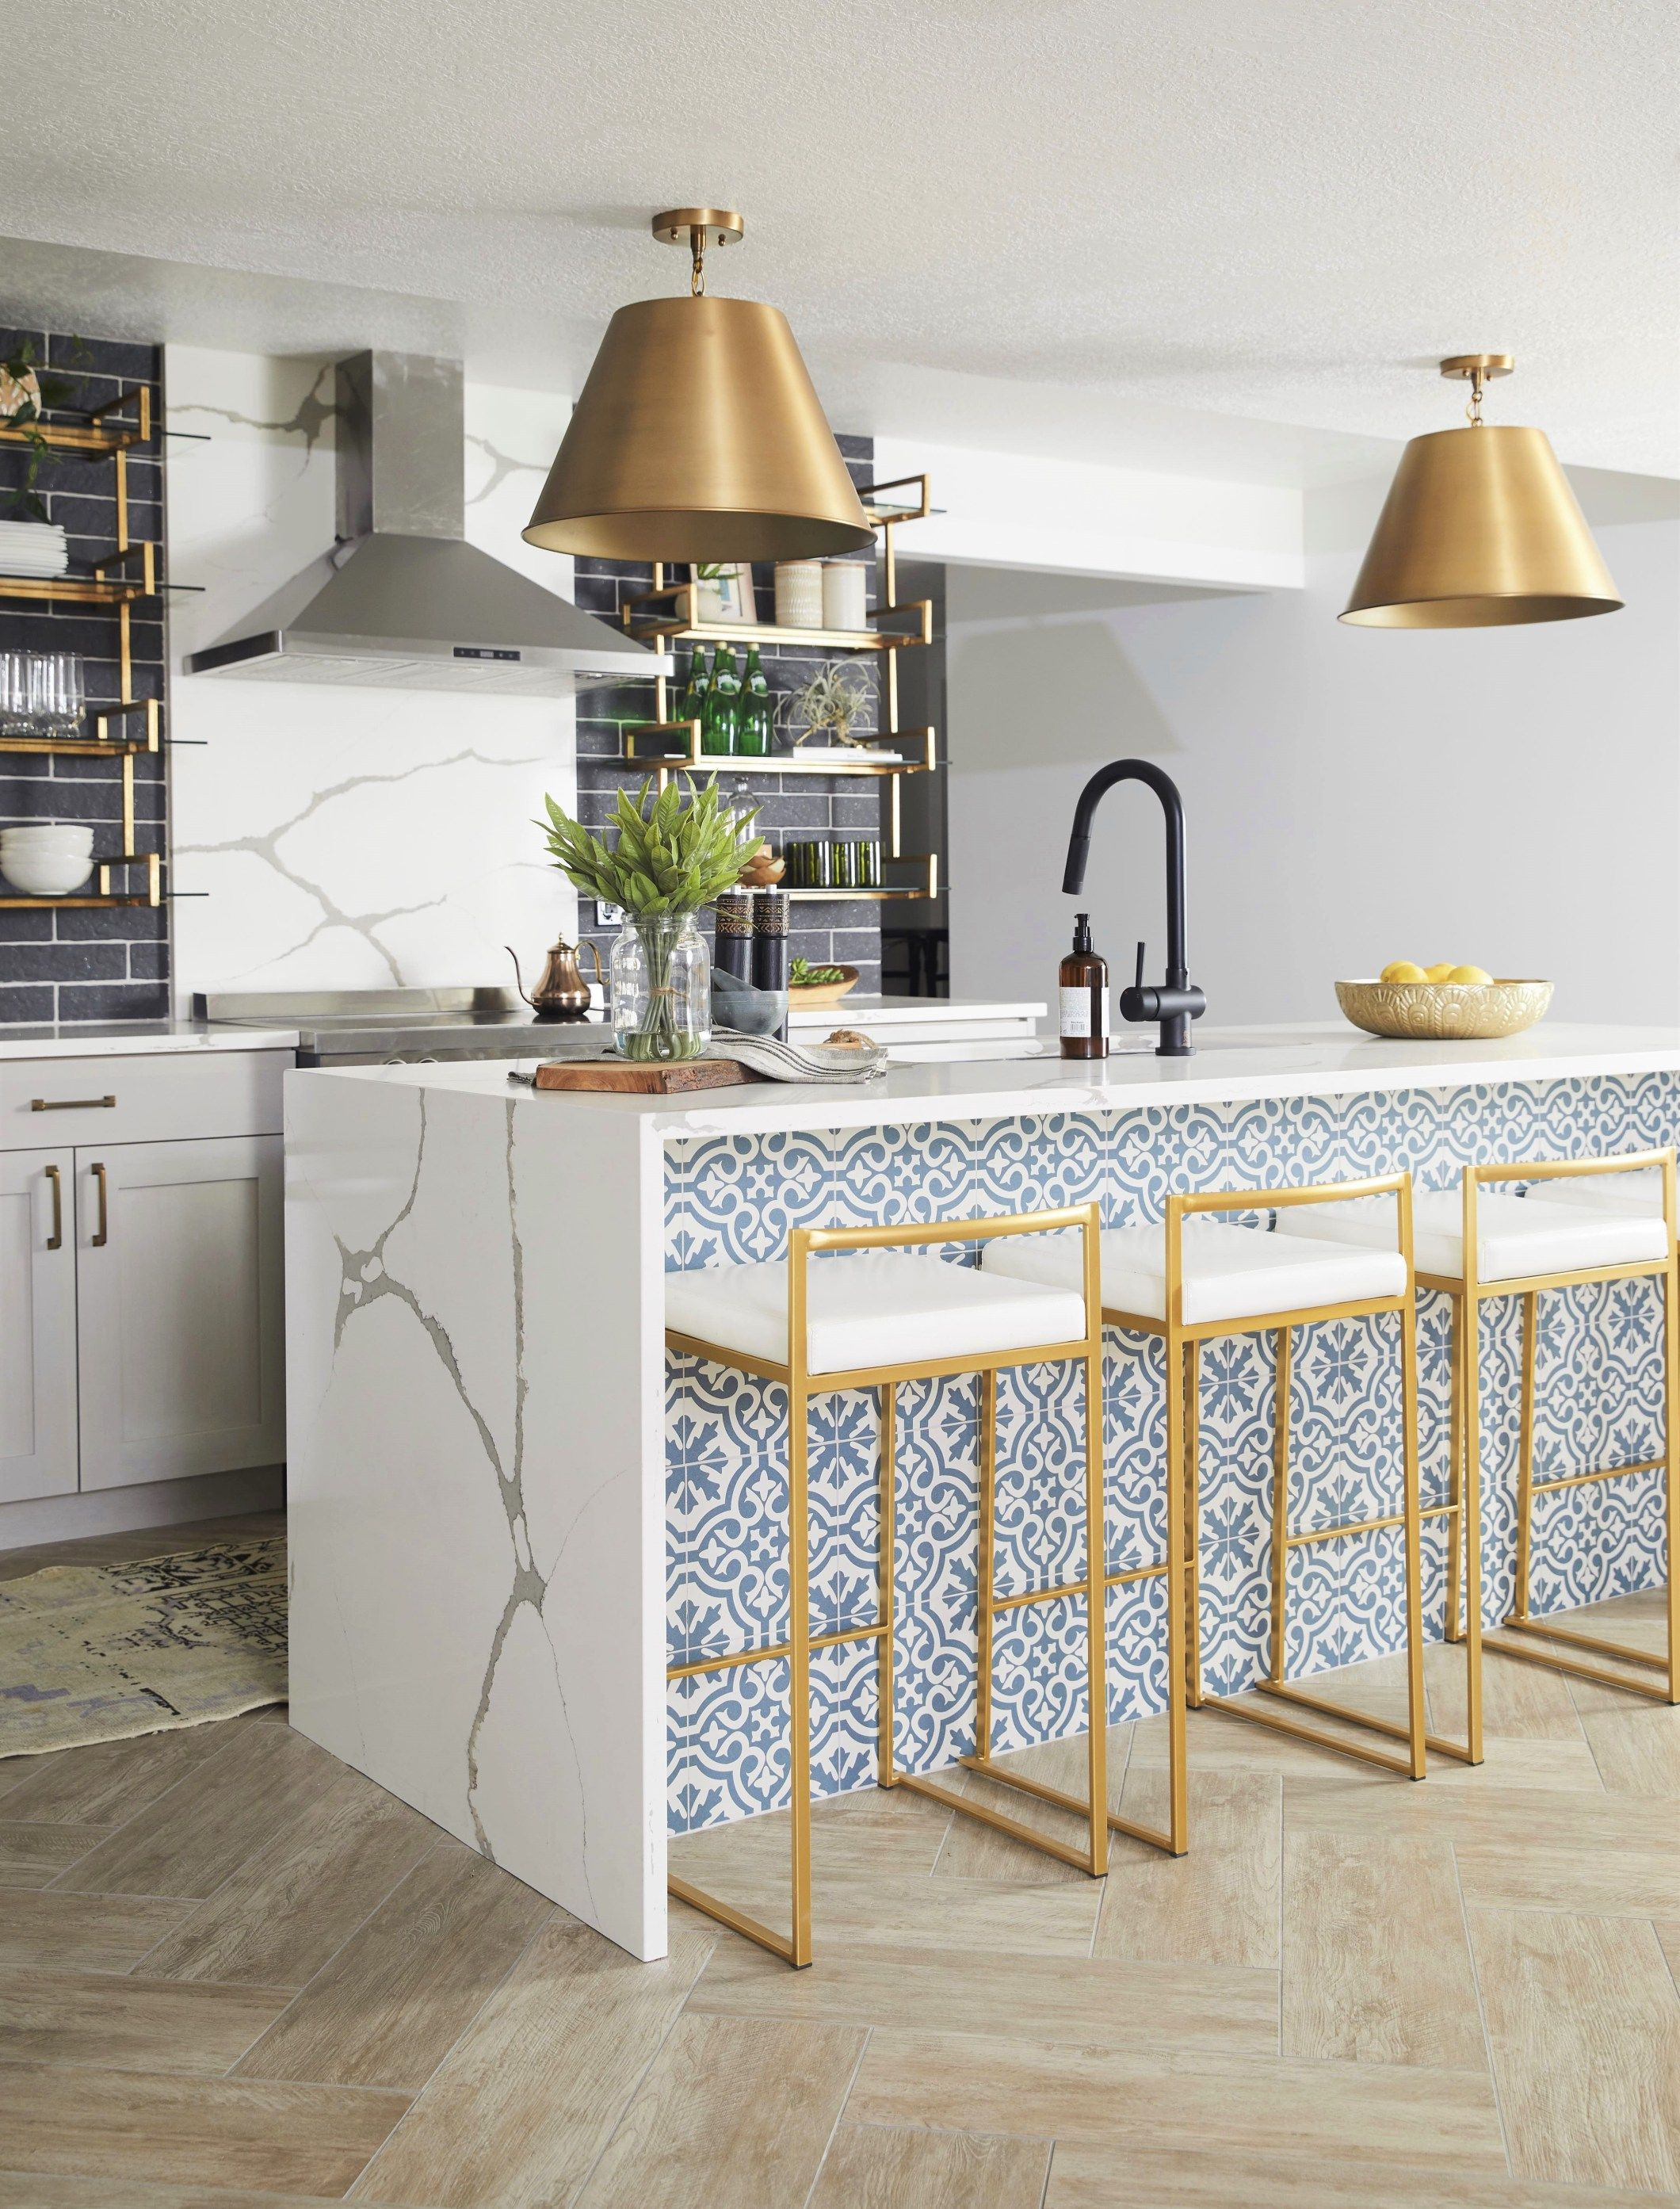 cara loren s modern mediterranean mediterranean kitchen design kitchen design trends on kitchen decor trends id=73190